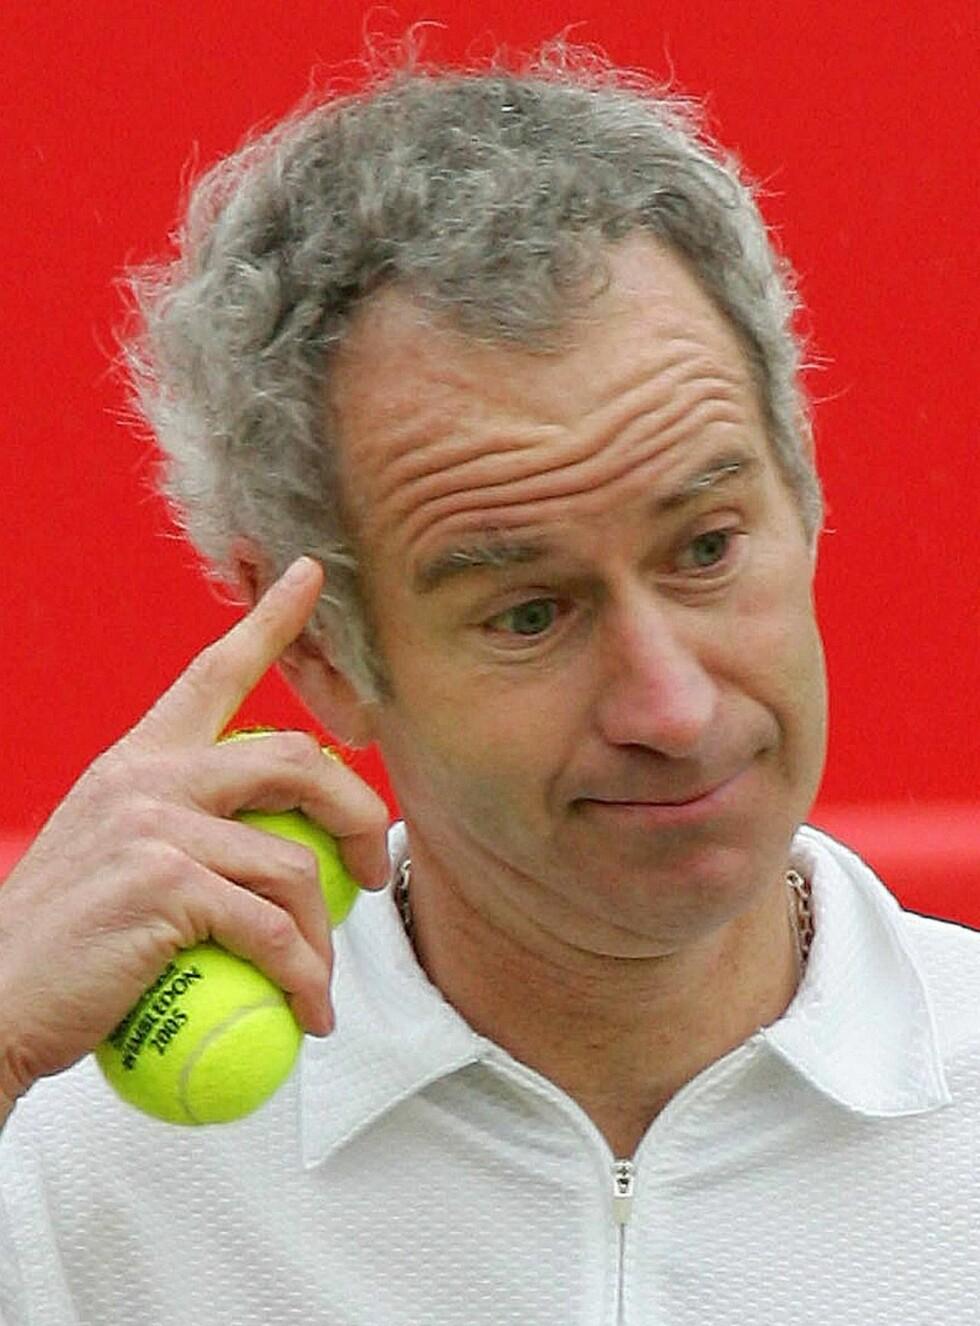 STOR I KJEFTEN: Tennisproffen er nesten mer kjent for å klage på dommeren enn sine prestasjoner med racketen. Foto: AP